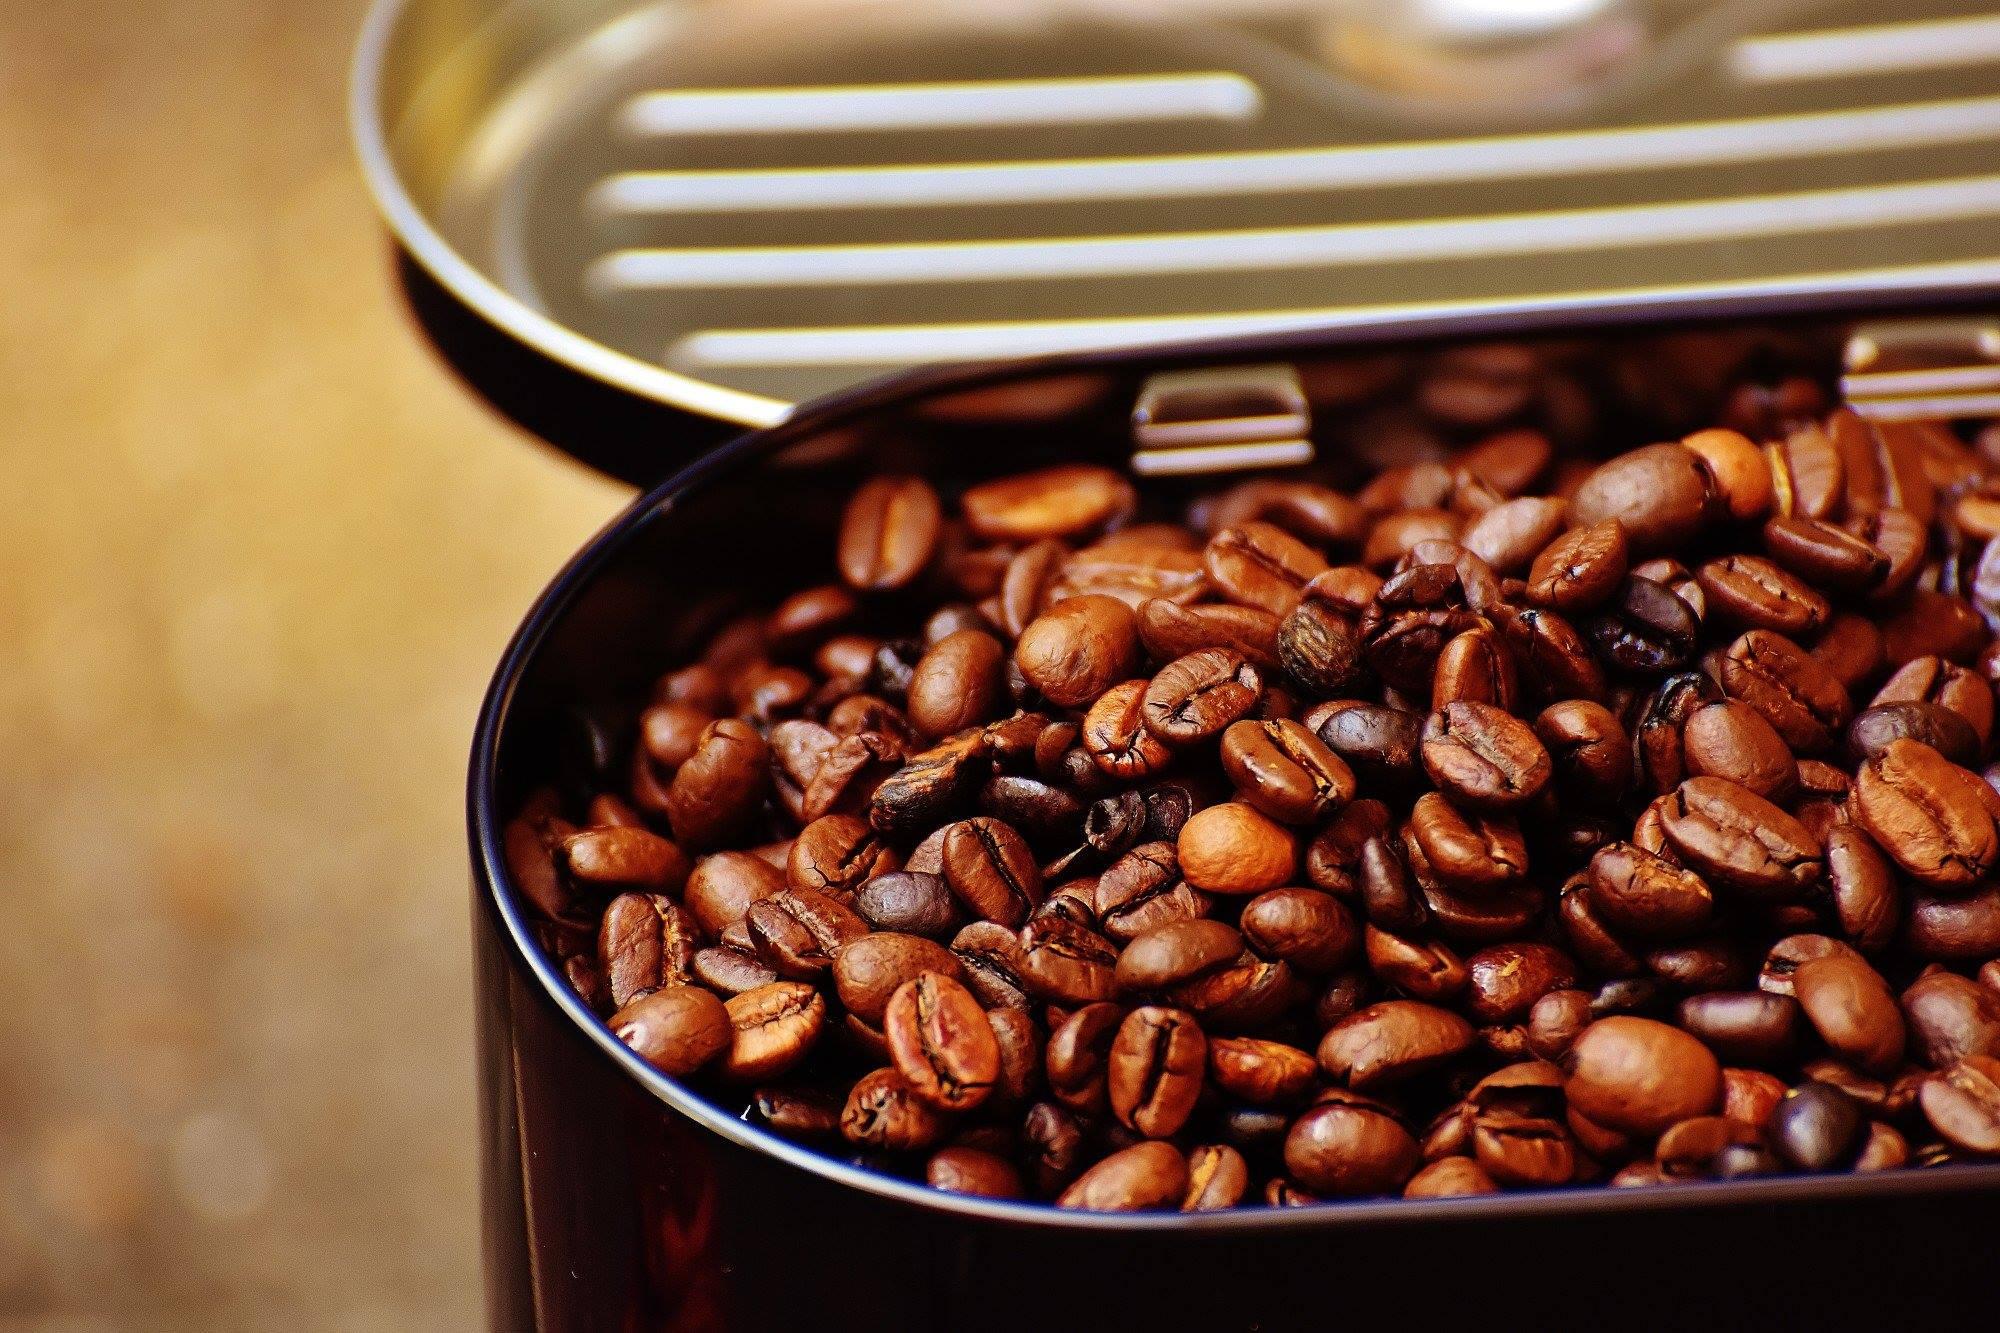 Tin of coffee beans